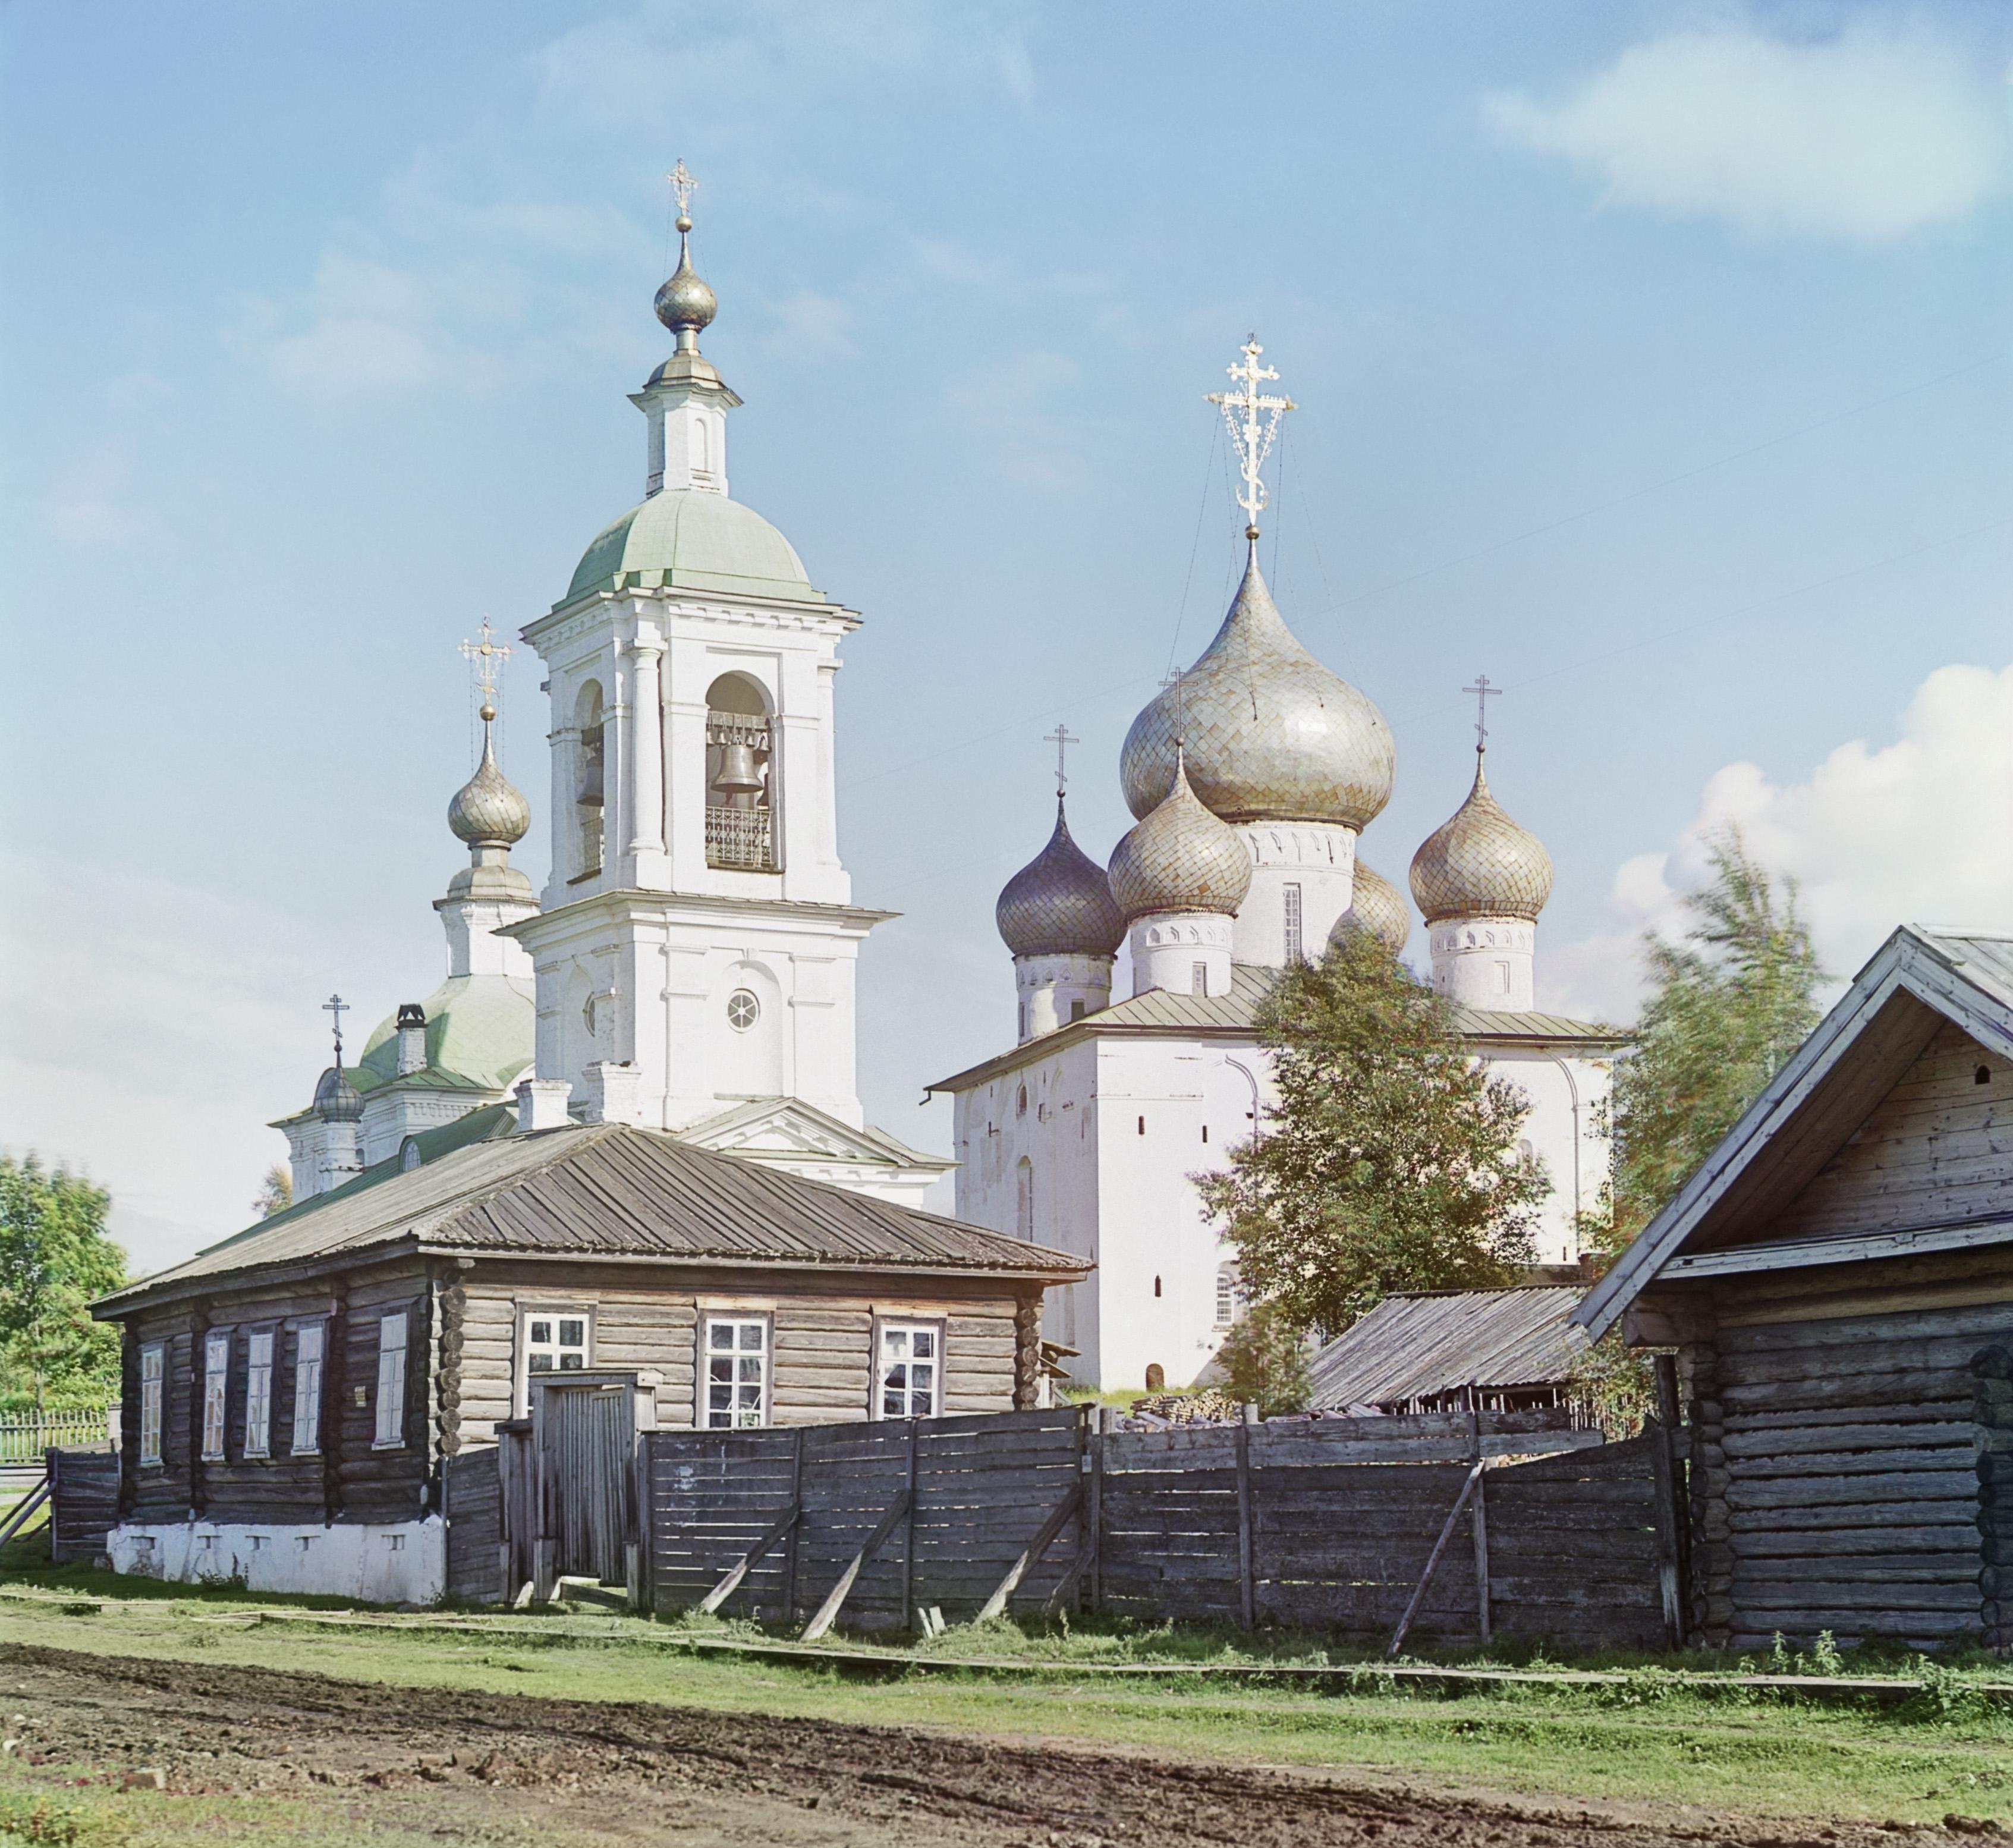 Белозерск. Церковь во имя Успения Божией Матери